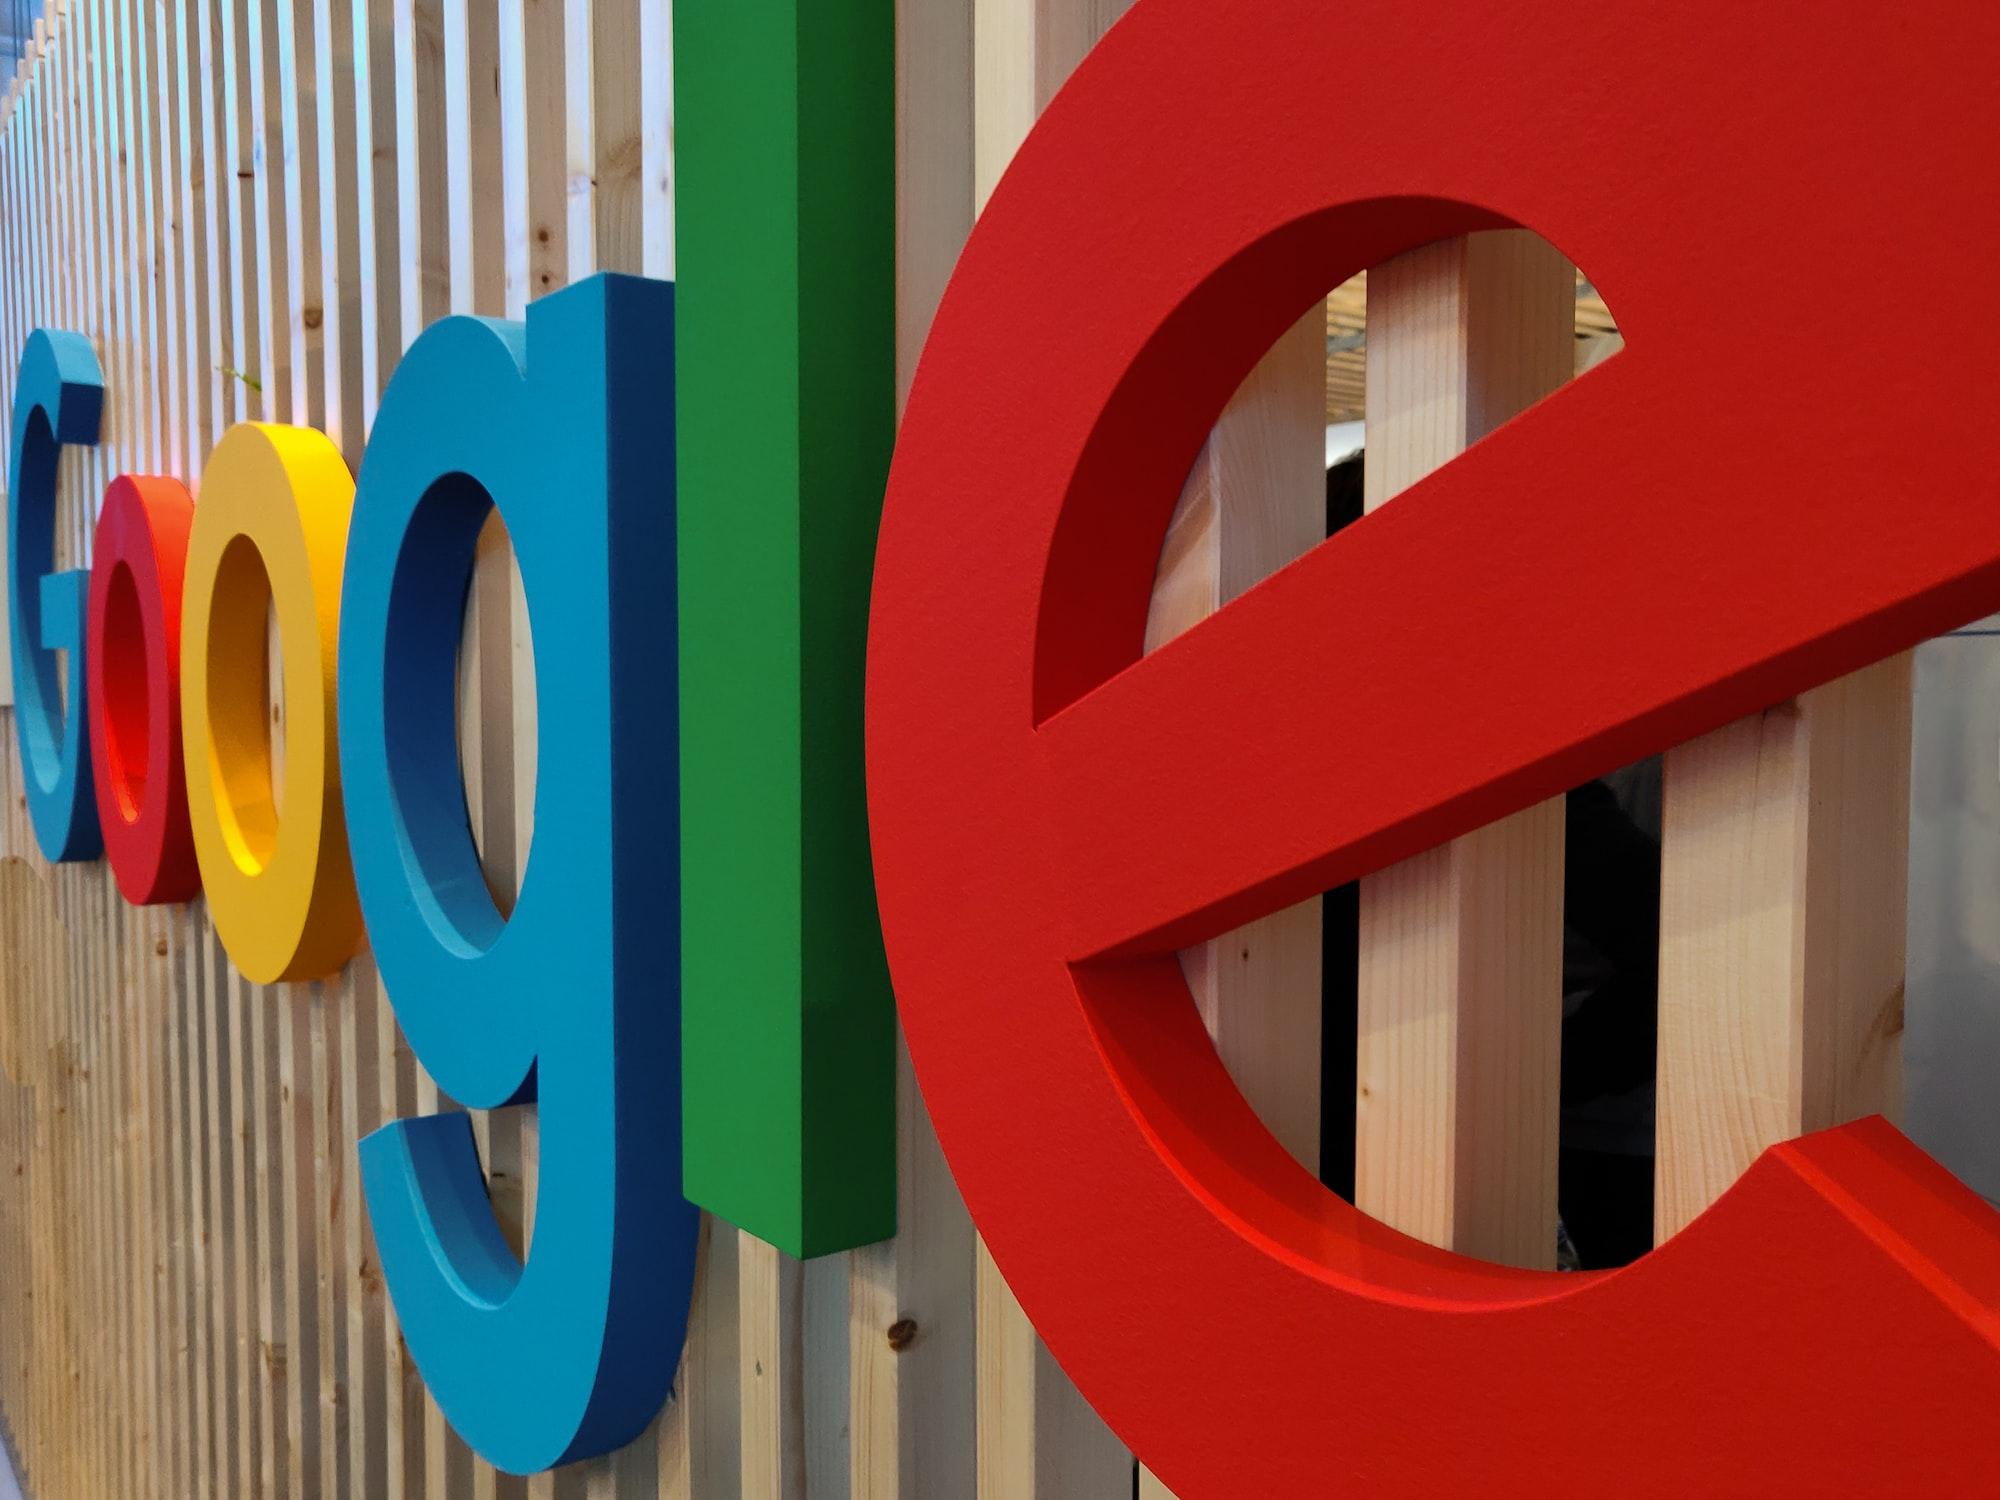 Nuove dimensione immagini per annunci display Google Ads